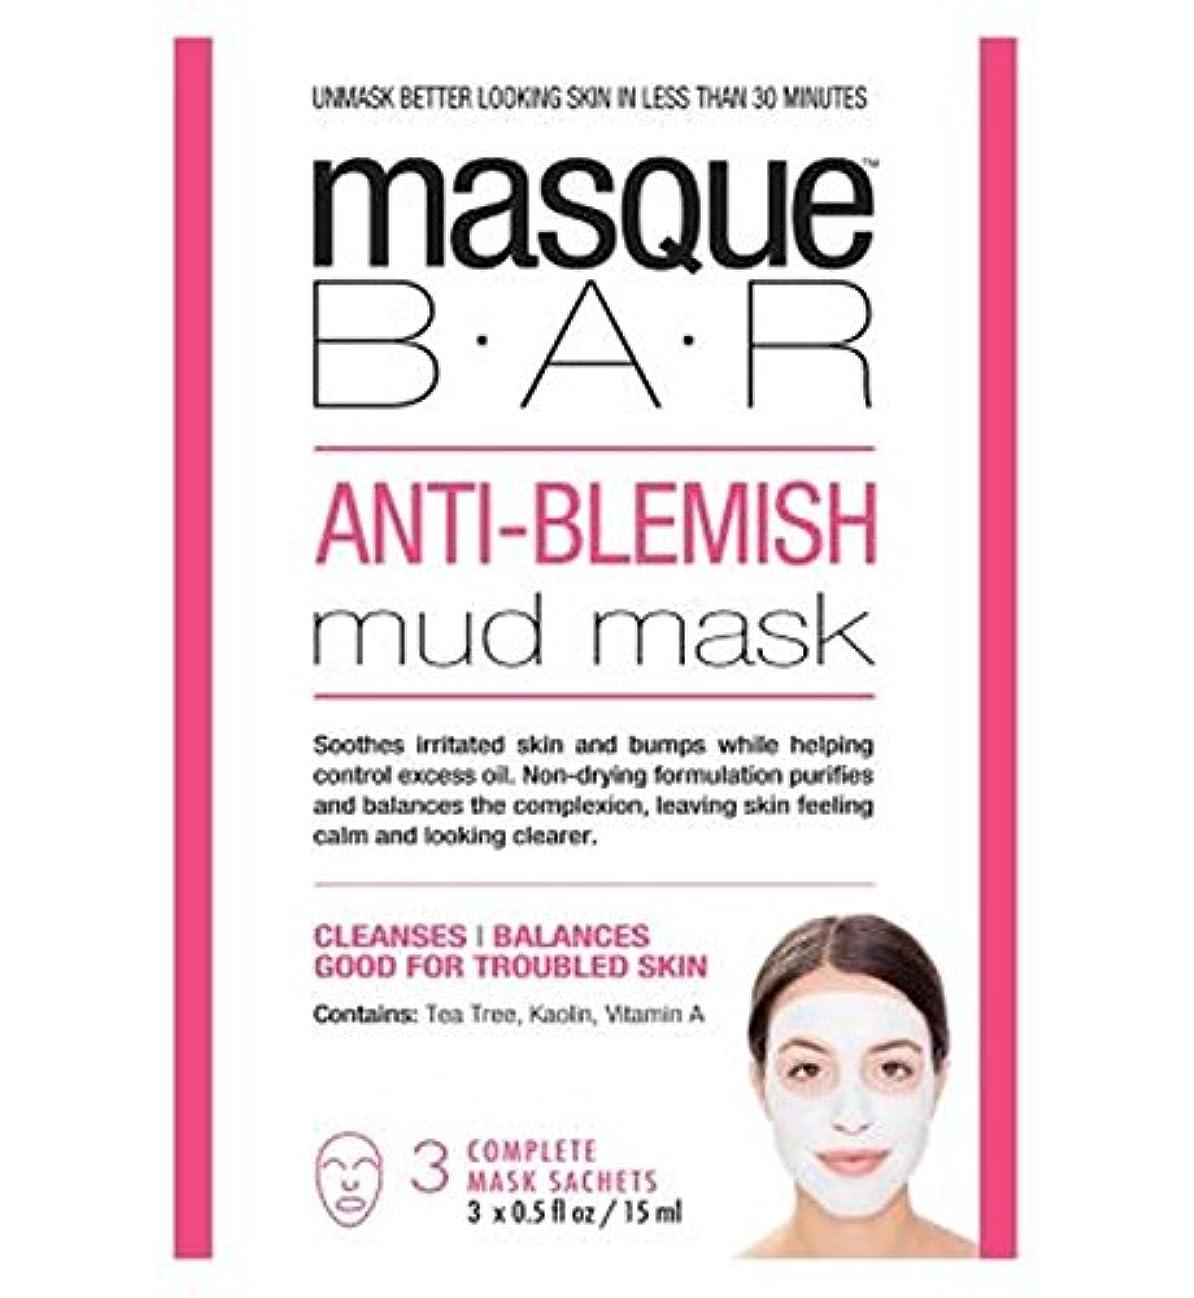 抱擁文化メディック仮面劇バー抗傷泥マスク - 3S (P6B Masque Bar Bt) (x2) - Masque Bar Anti-Blemish Mud Mask - 3s (Pack of 2) [並行輸入品]